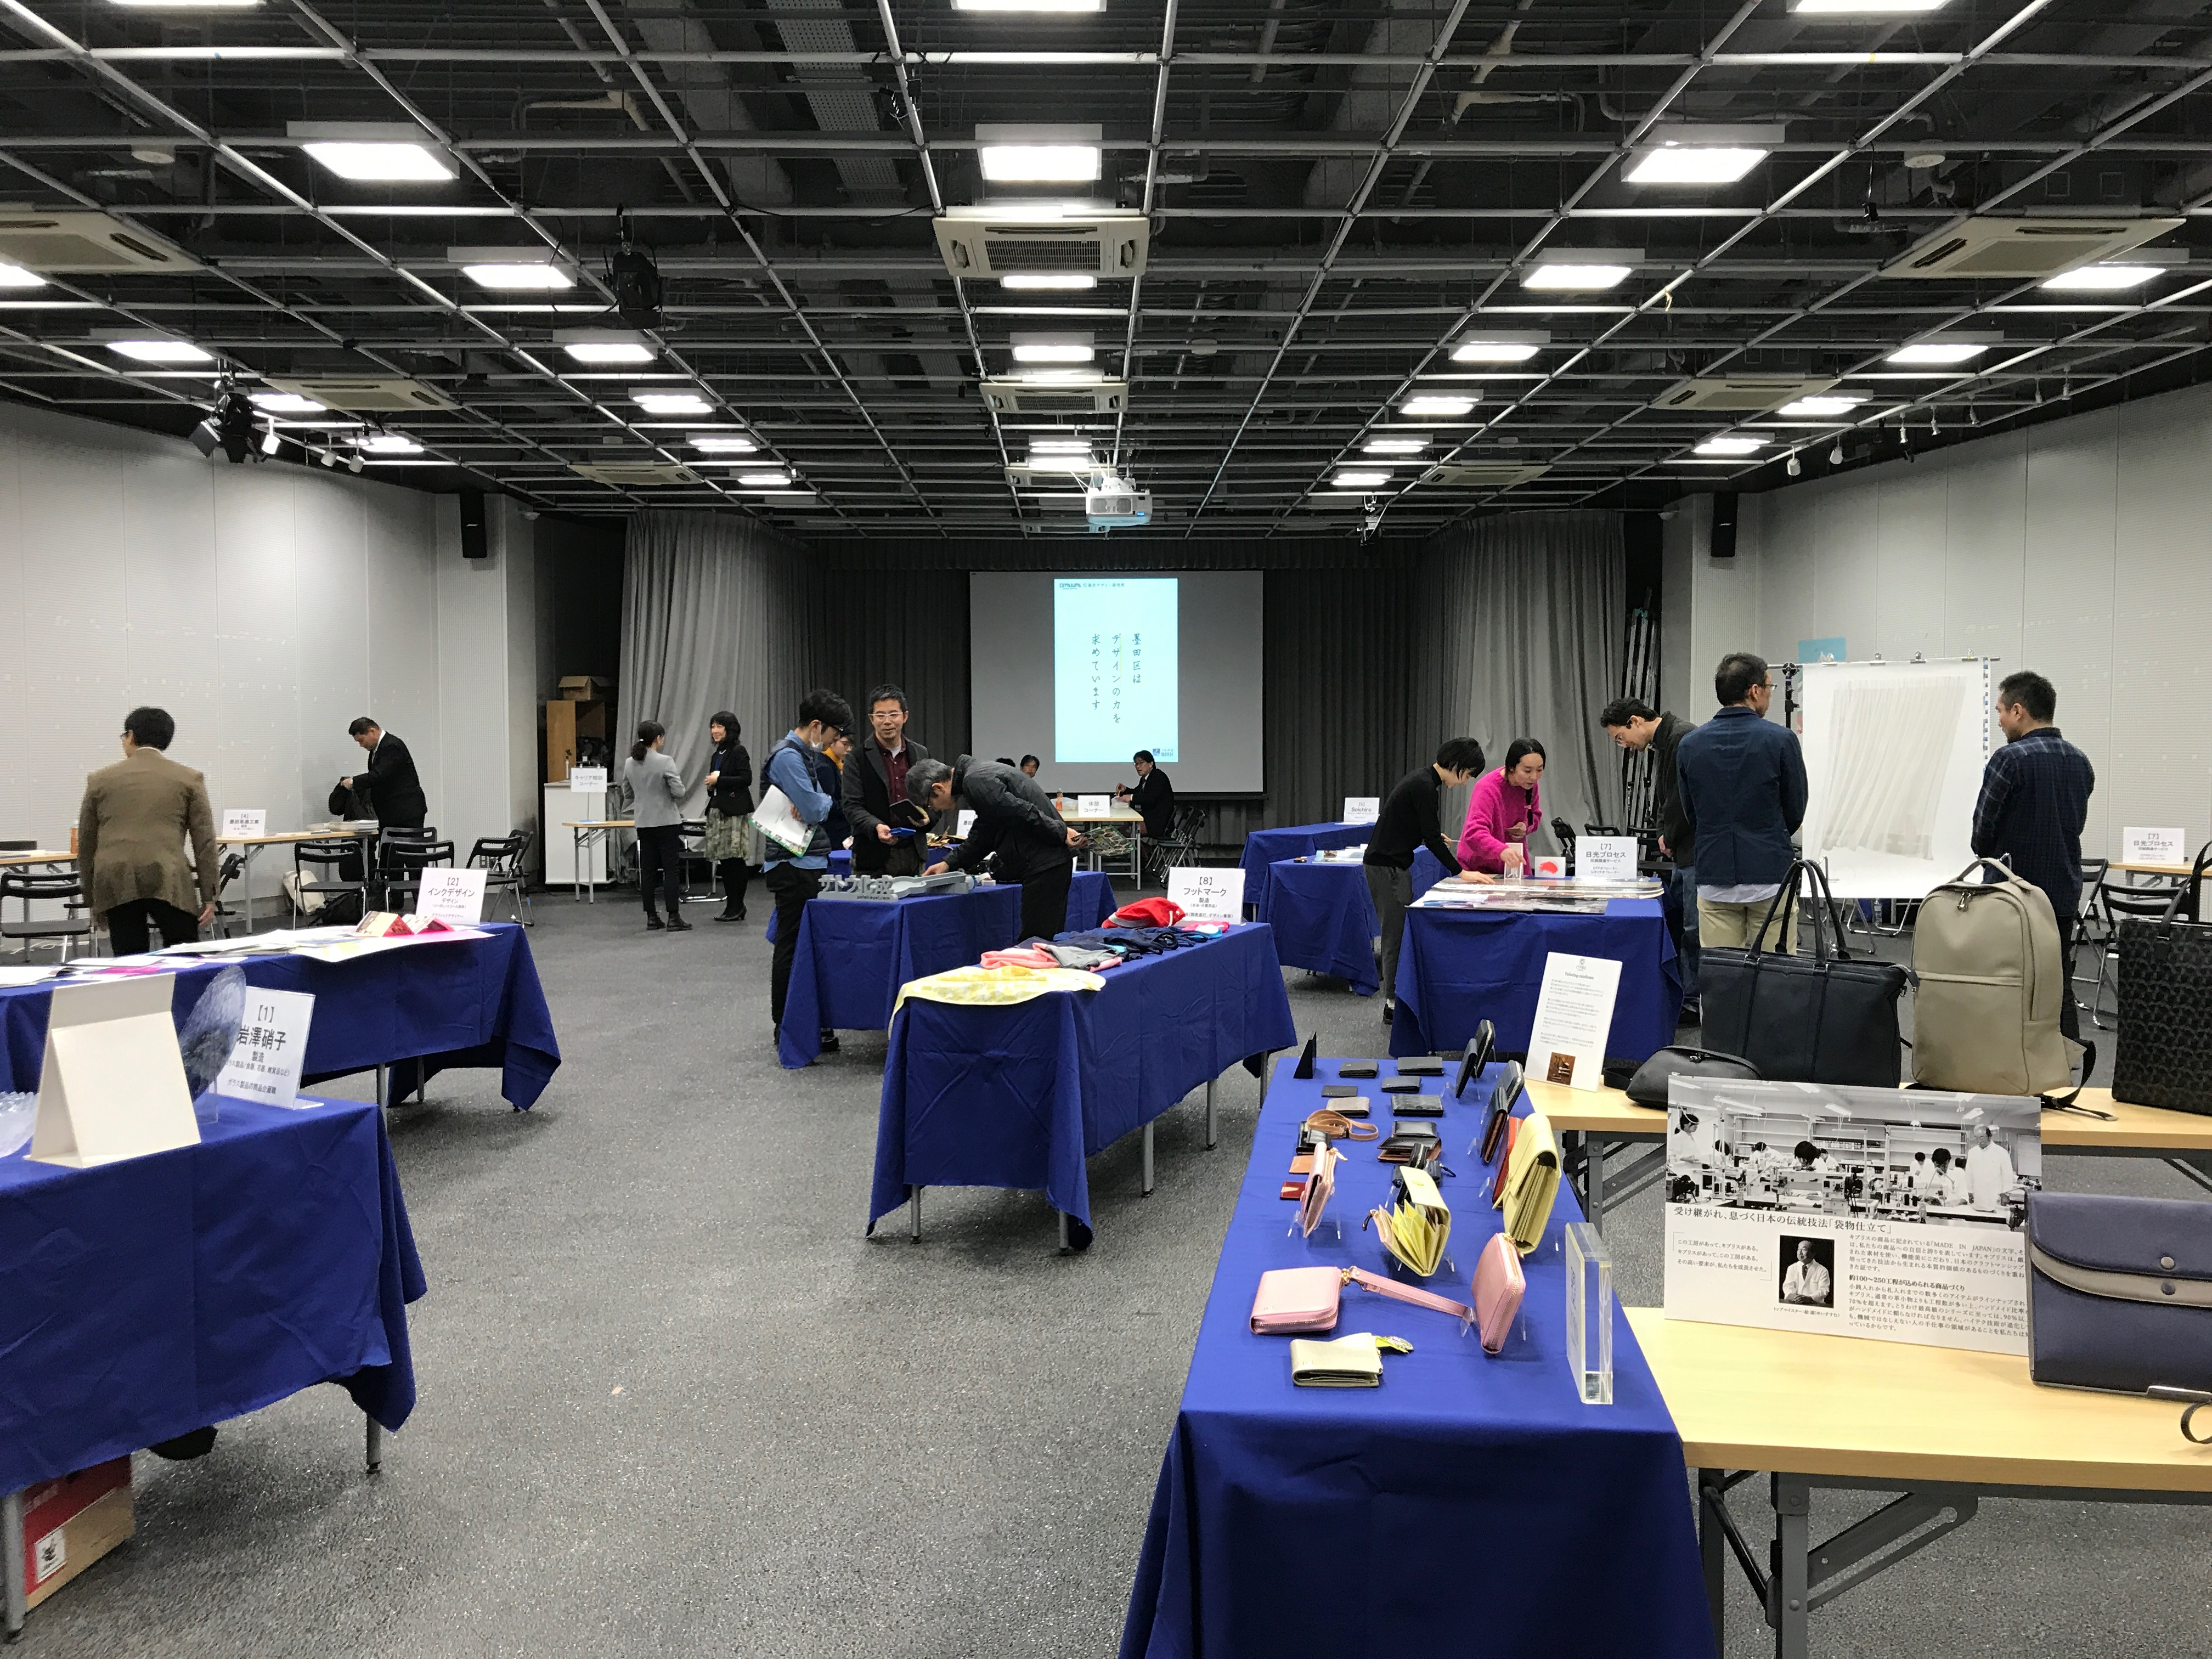 桑沢デザイン研究所×墨田区コラボレーション企画風景